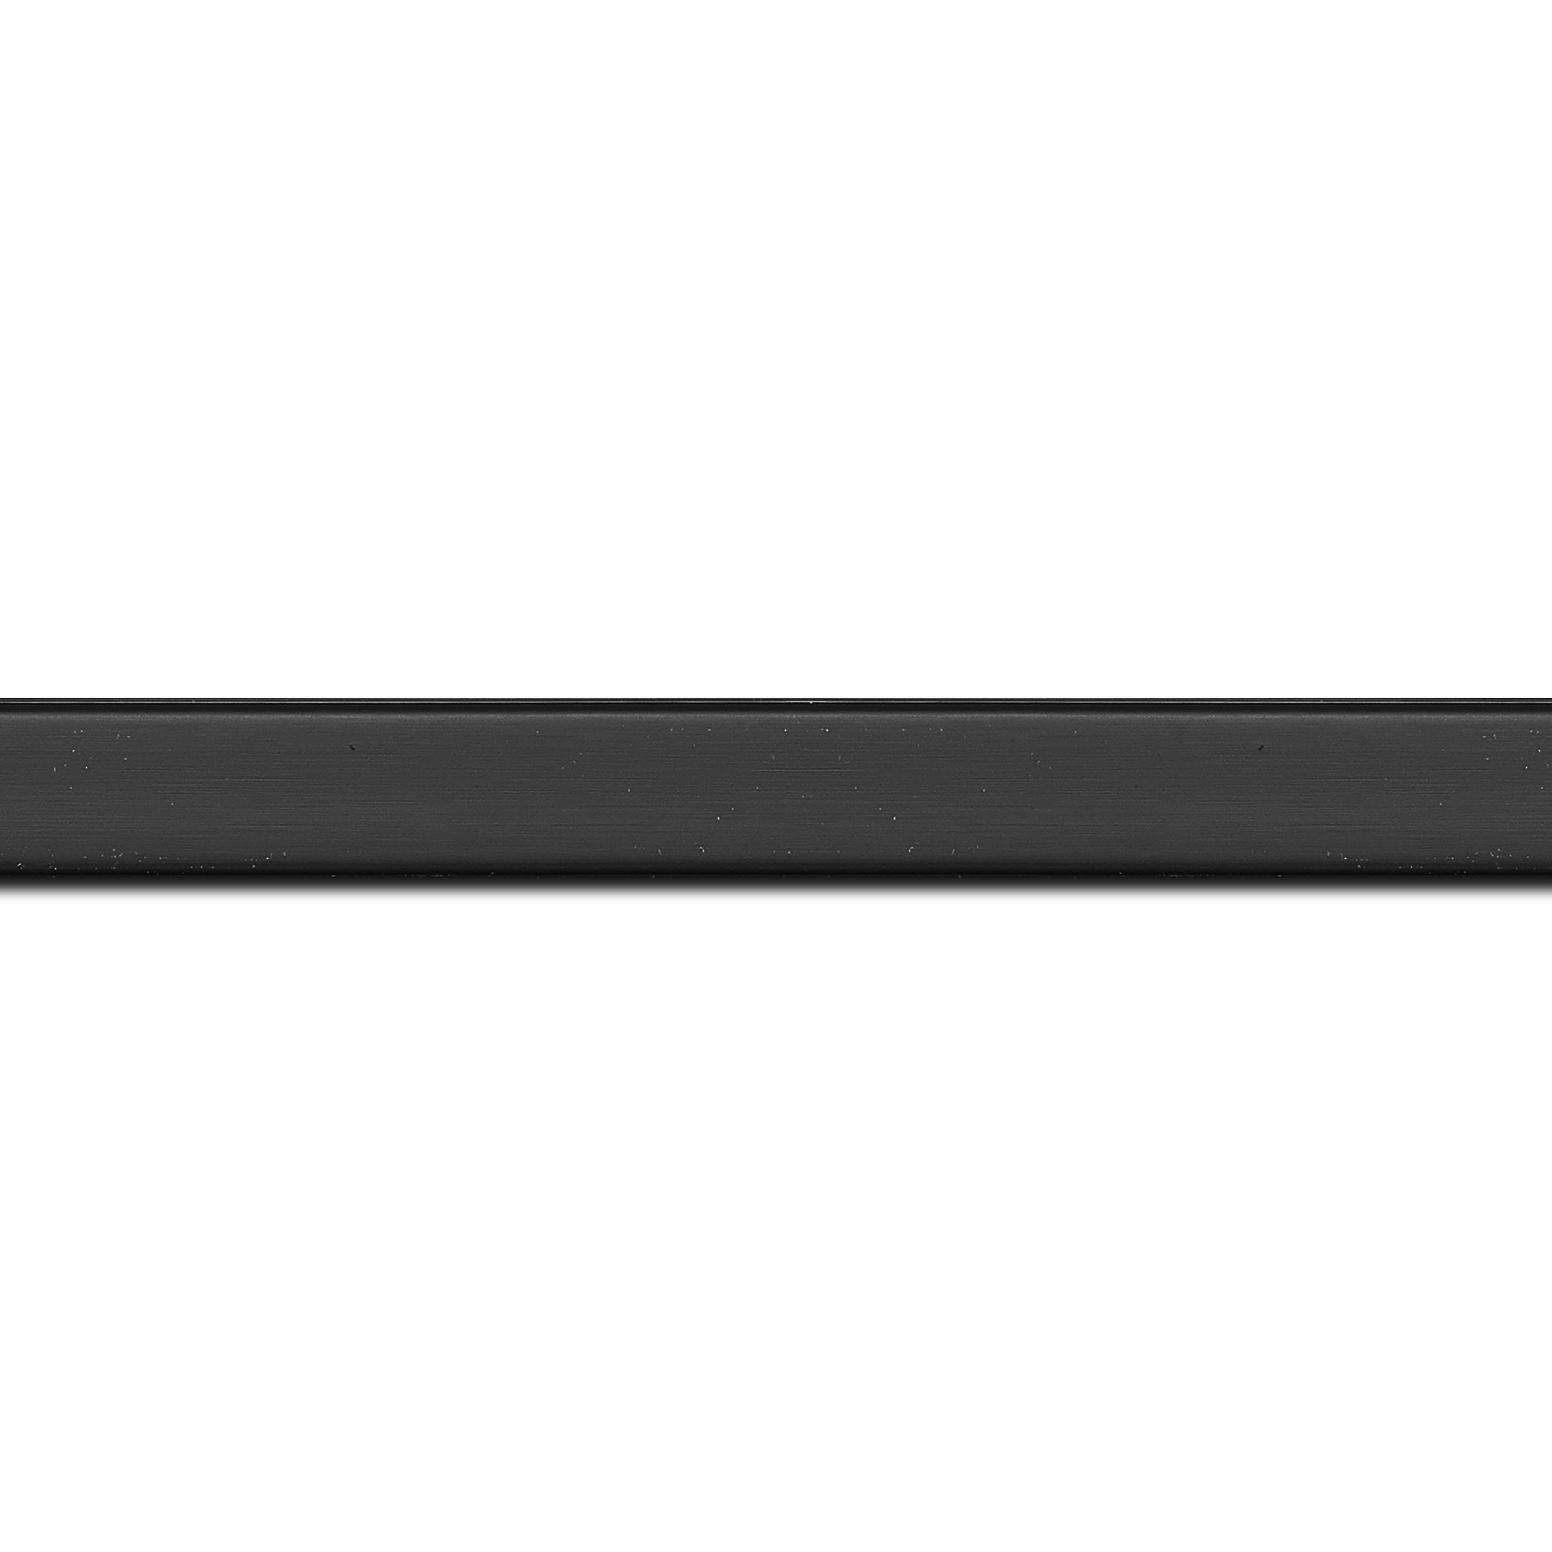 Pack par 12m, bois profil plat effet cube largeur 1.7cm couleur noir mat finition pore bouché (longueur baguette pouvant varier entre 2.40m et 3m selon arrivage des bois)